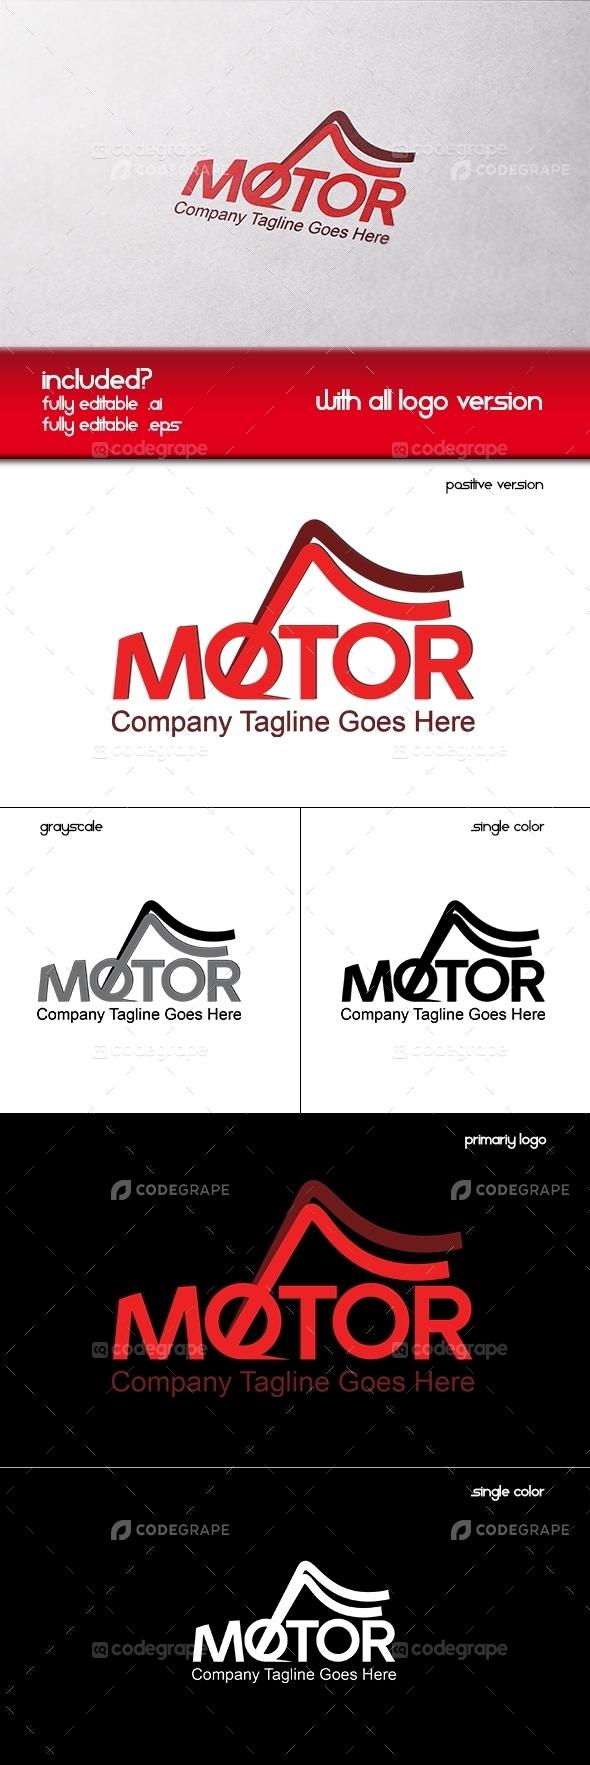 Motor Company Logo Template